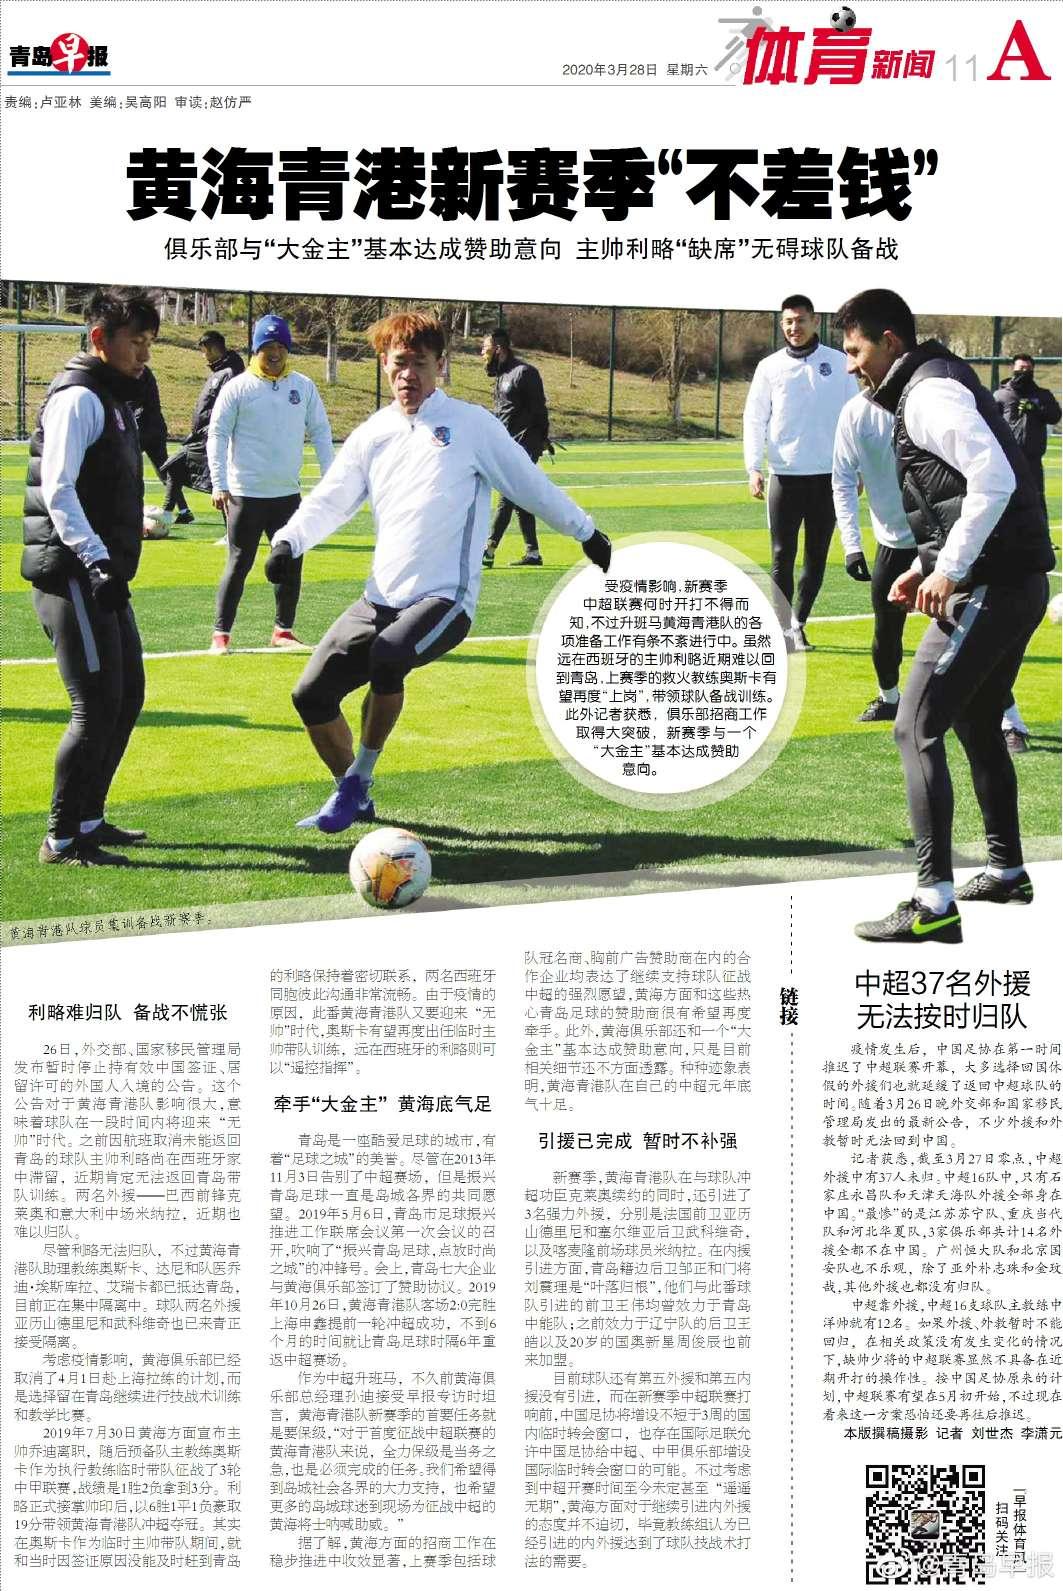 据3月28日出版的《青岛早报》透露,中超新军青